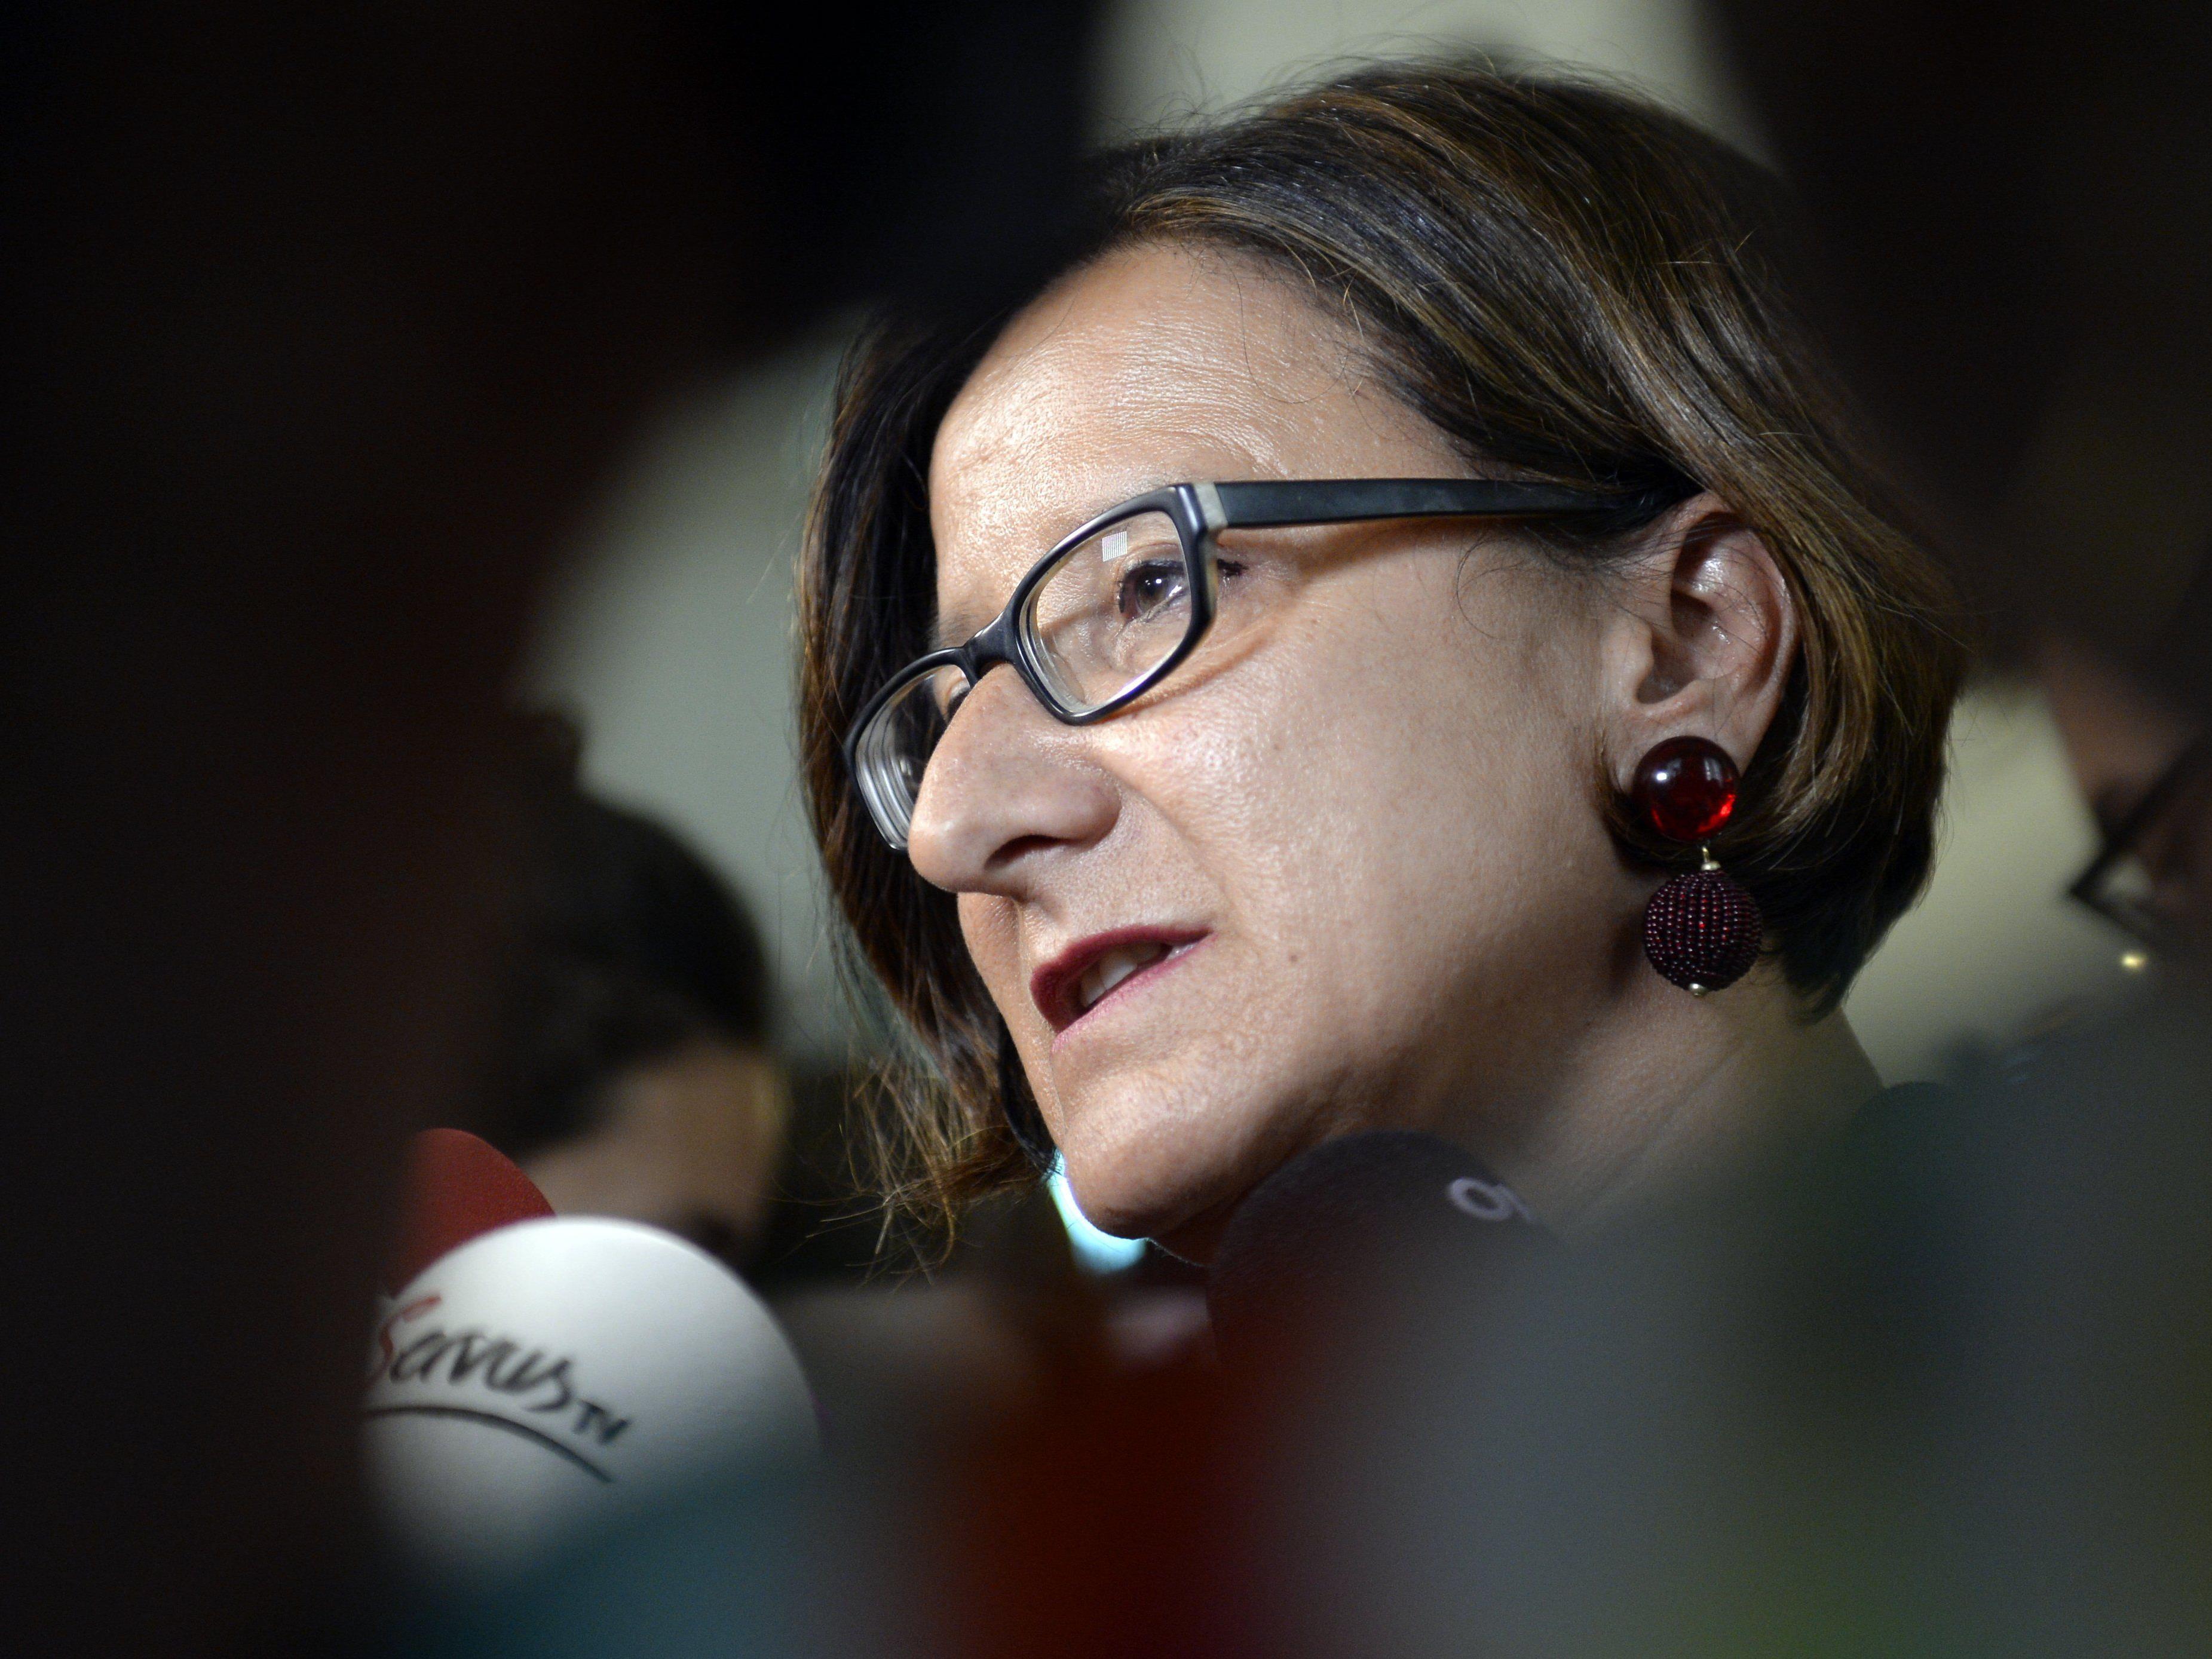 Ministerin stoppt neue Asylverfahren - Nur mehr Abschiebungen.